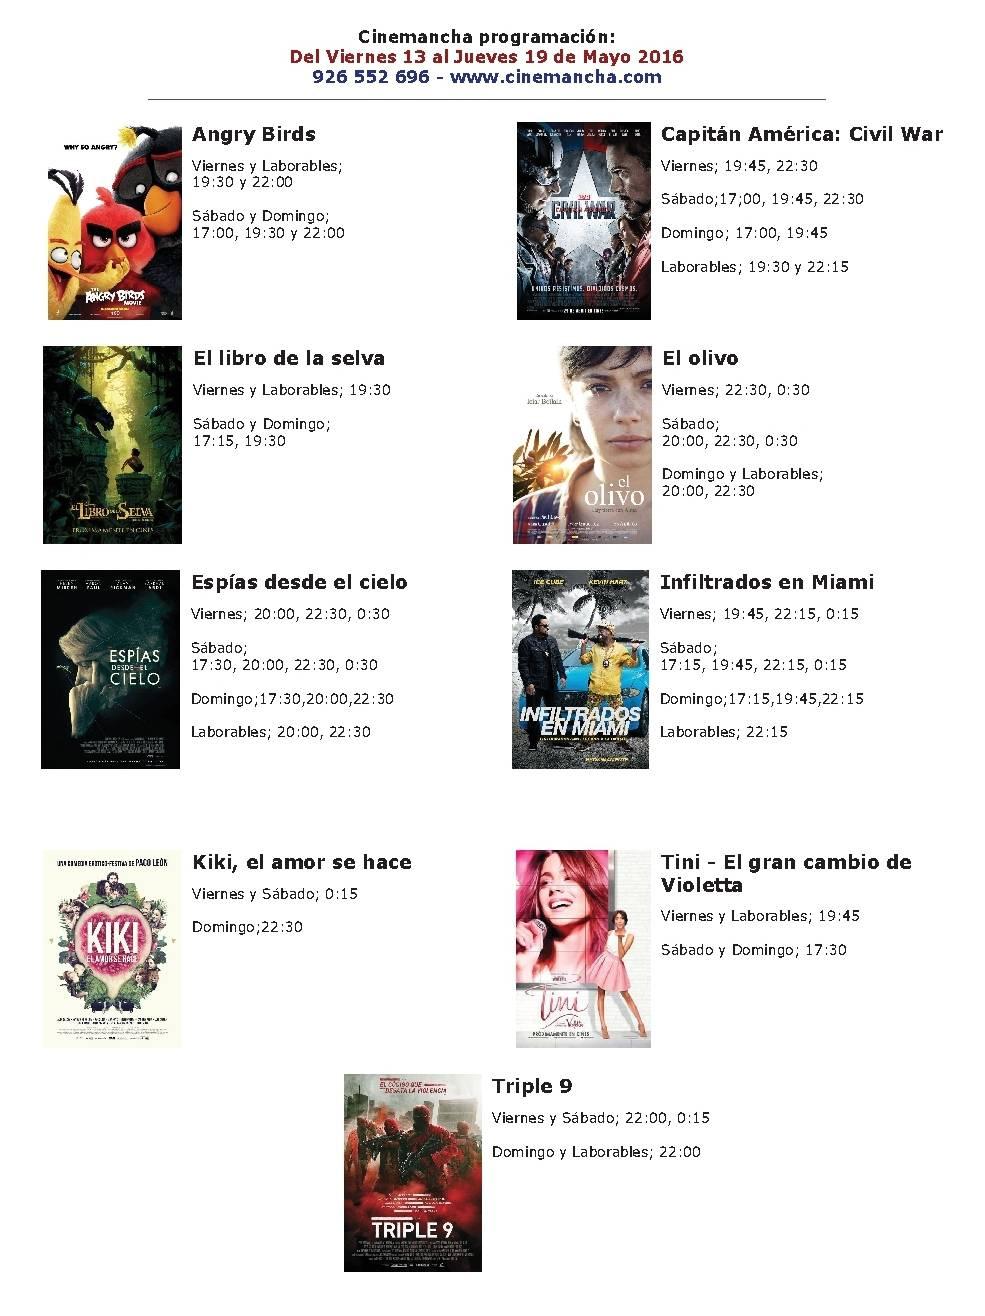 cartelera de cinemancha del 13 al 19 de mayo - Cartelera Cinemancha del 13 al 19 de mayo